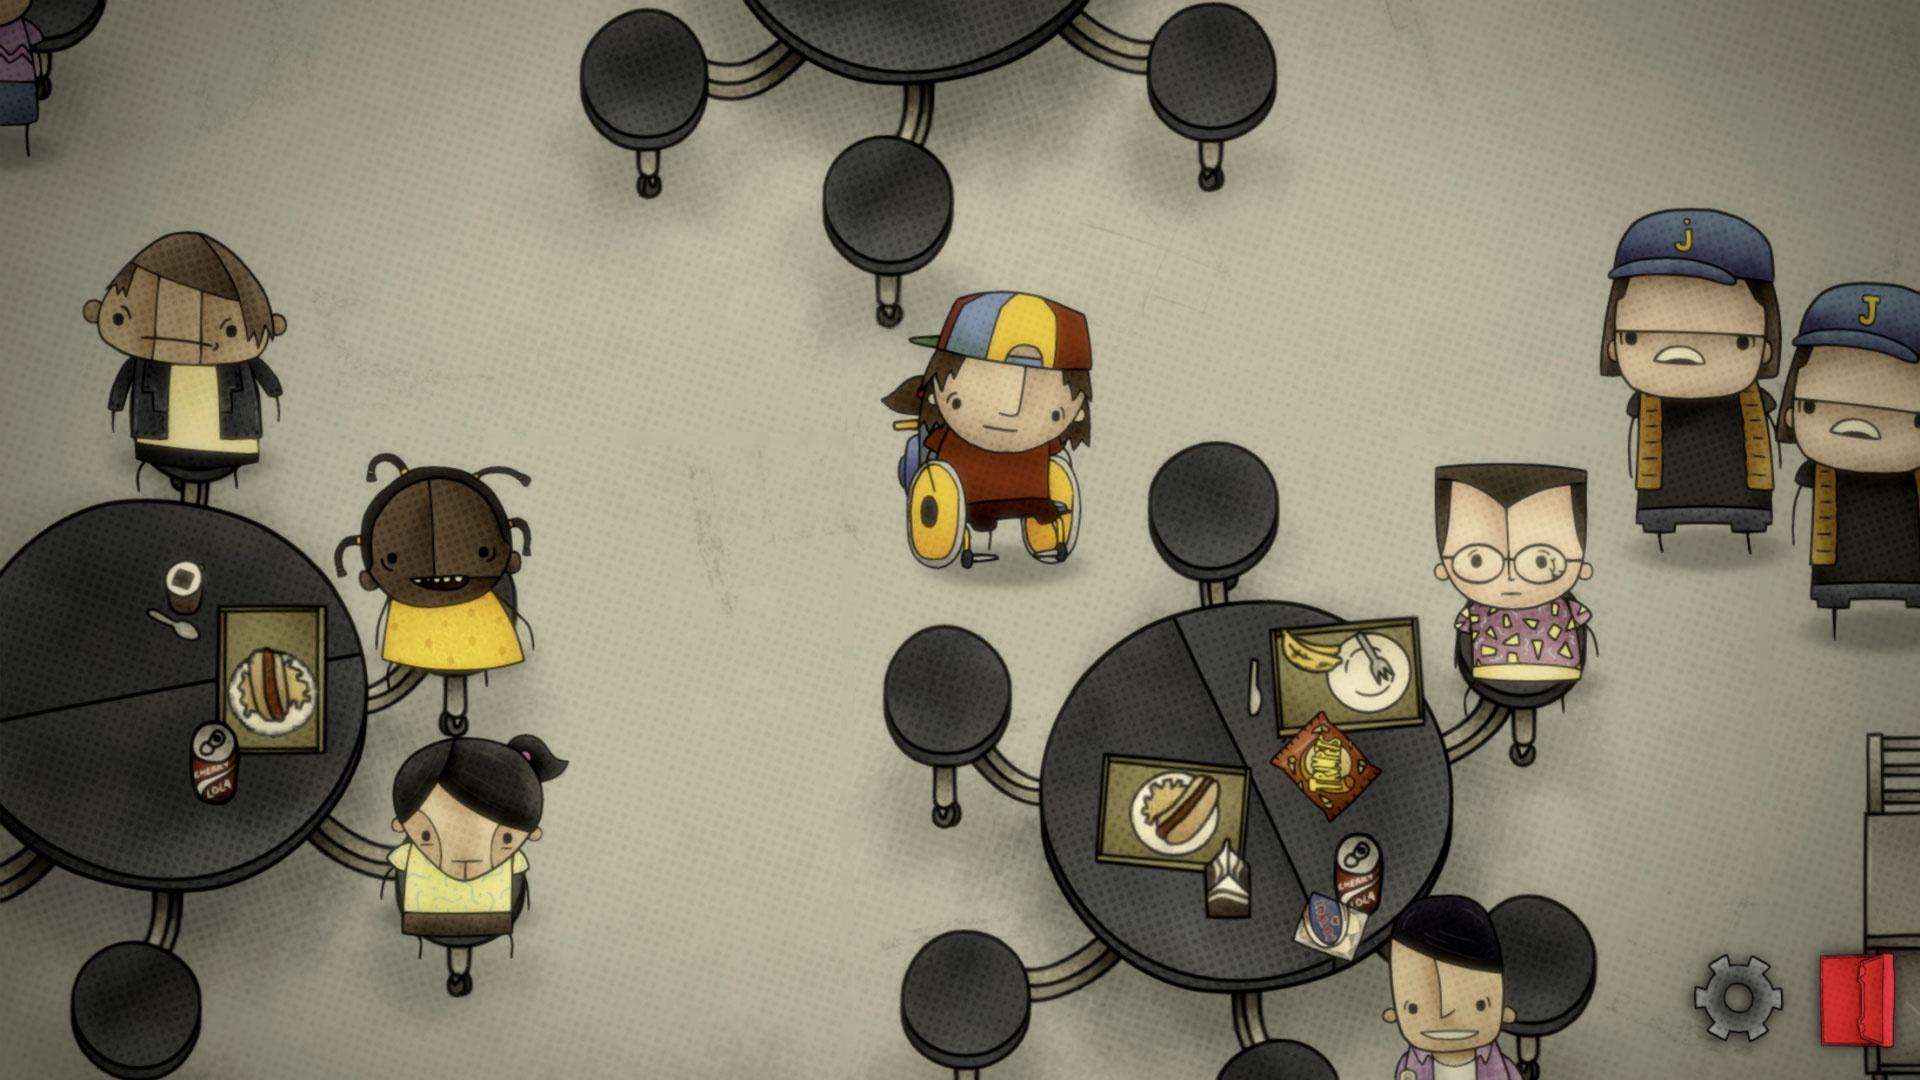 Cardpocalypse выйдет в Steam12 октября